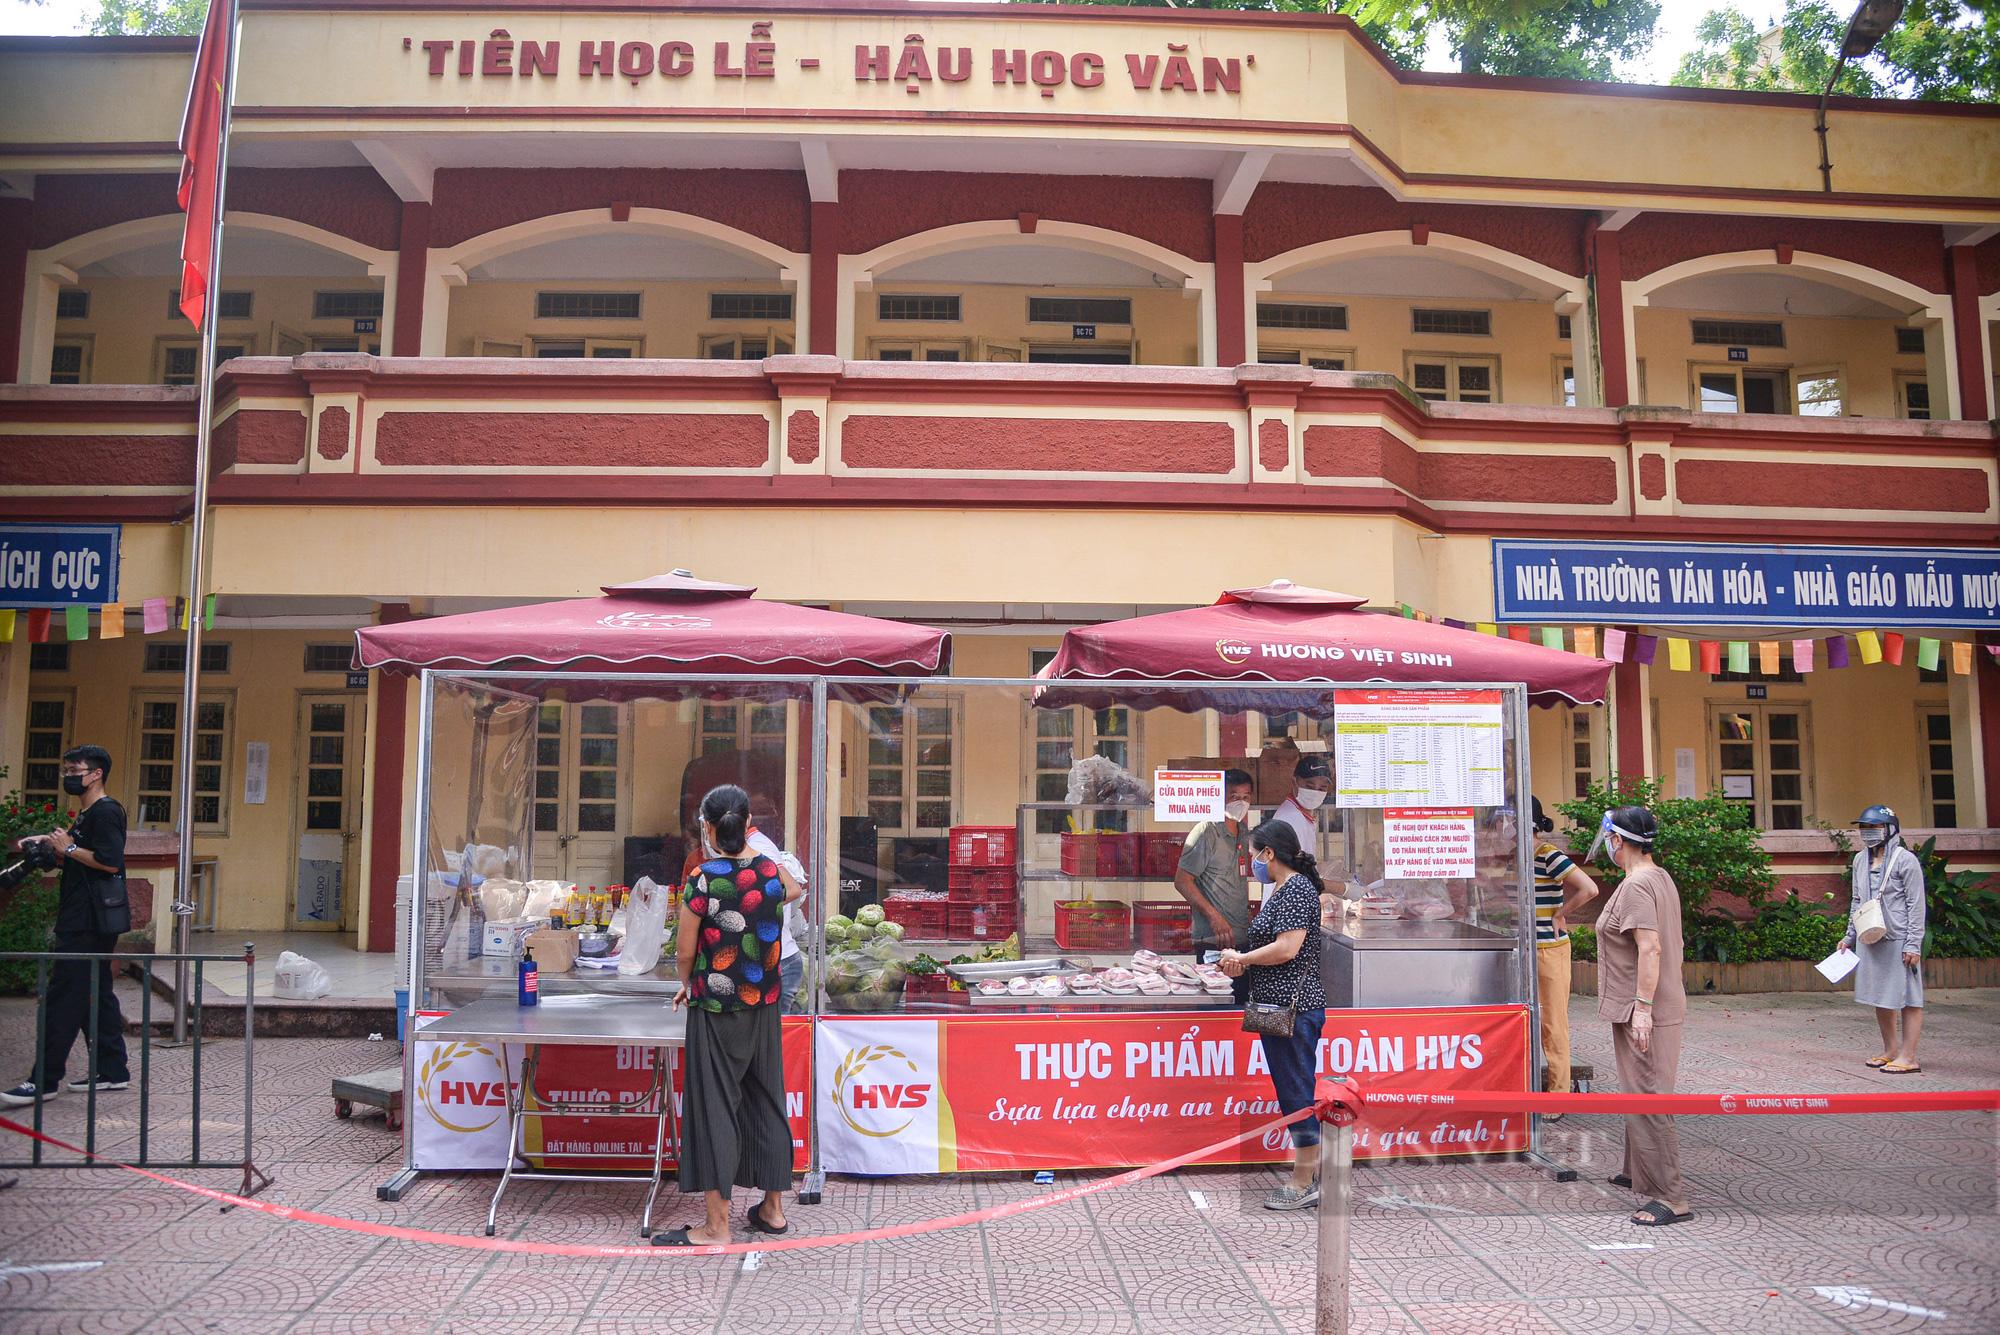 Hà Nội: Điểm bán hàng lưu động thuận lợi cho người dân trong mùa dịch - Ảnh 9.